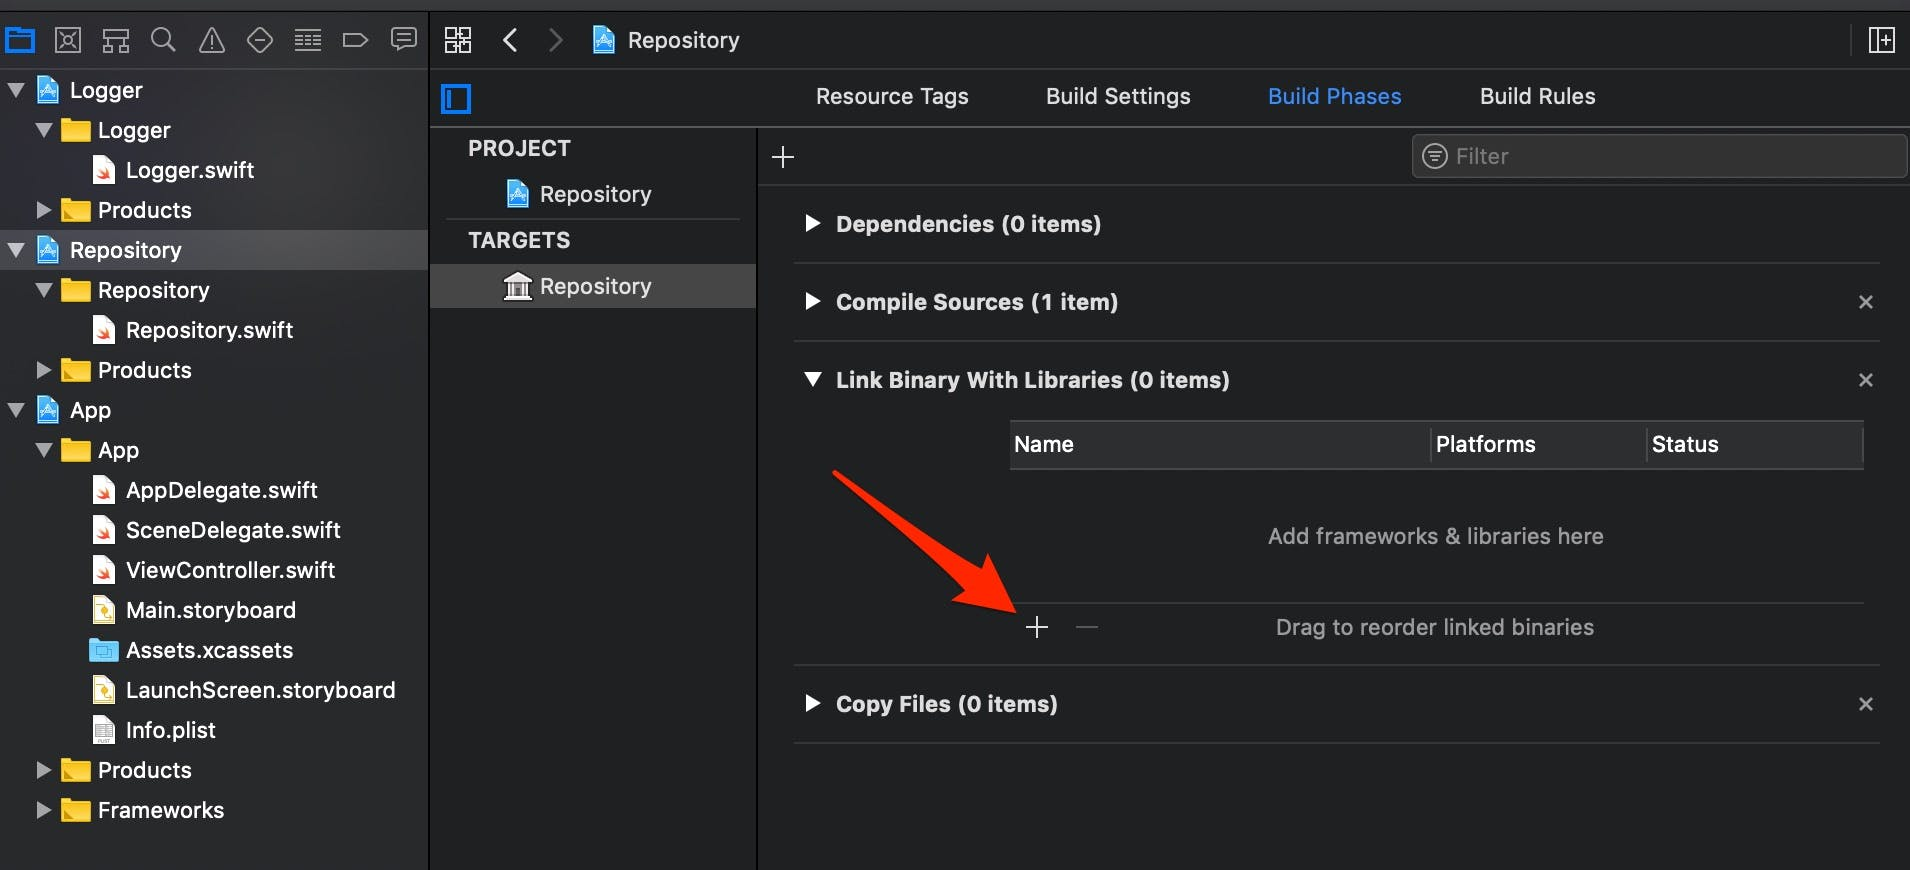 Repositoryにライブラリを追加